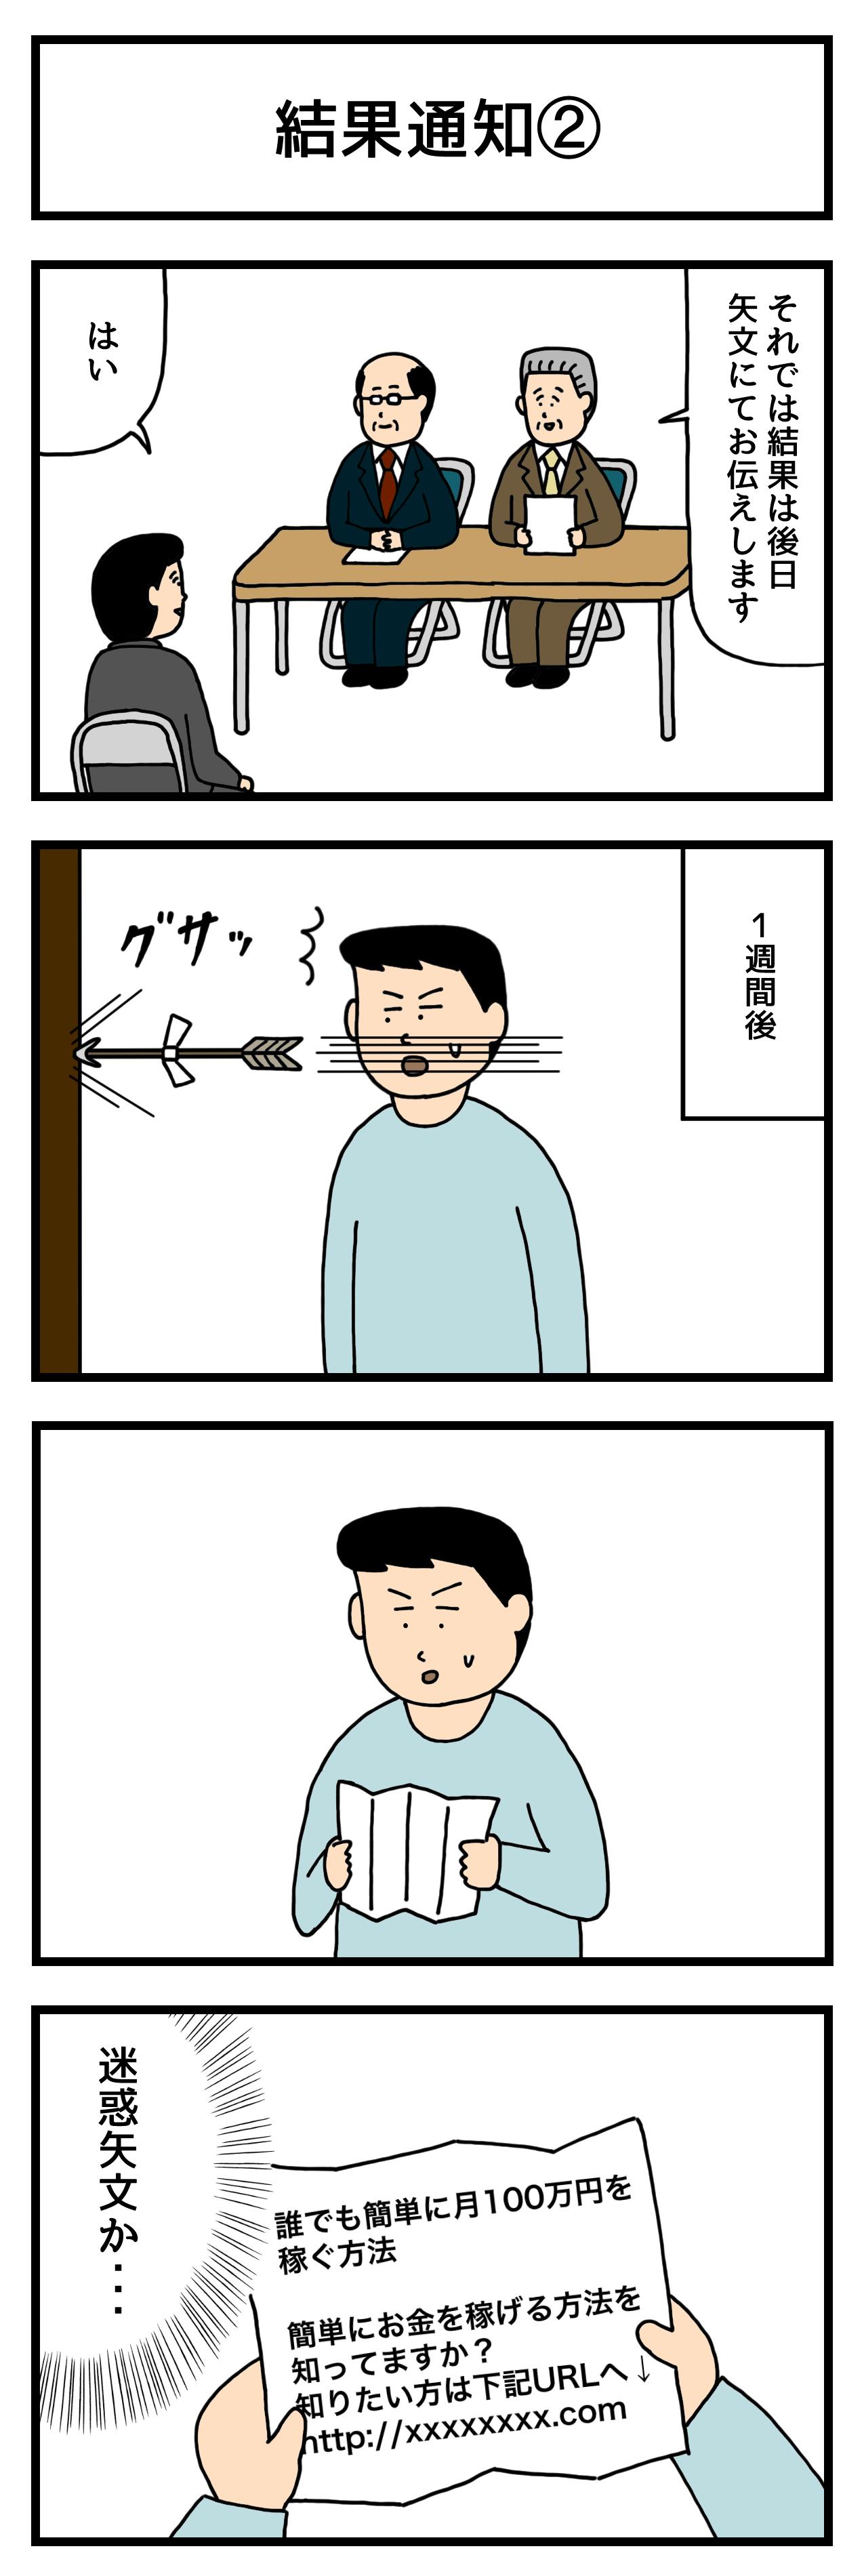 結果通知②